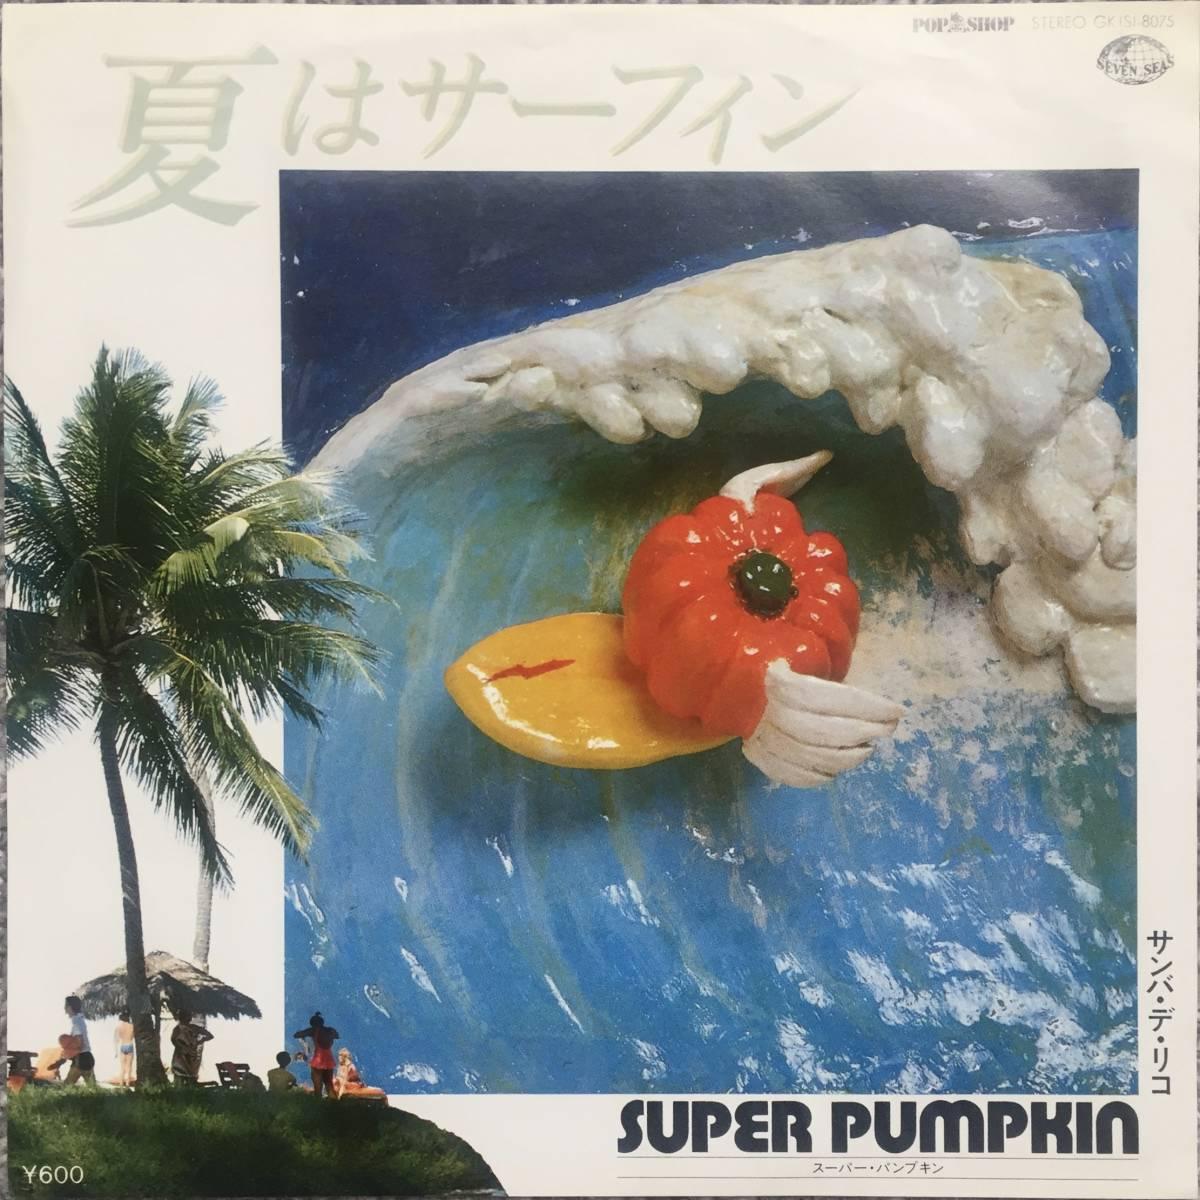 【試聴】極美盤 SUPER PUMPKIN - 夏はサーフィン / サンバ・デ・リコ 和モノ シティーポップ CITY POP LIGHT MELLOW RARE GROOVE EP 7INCH